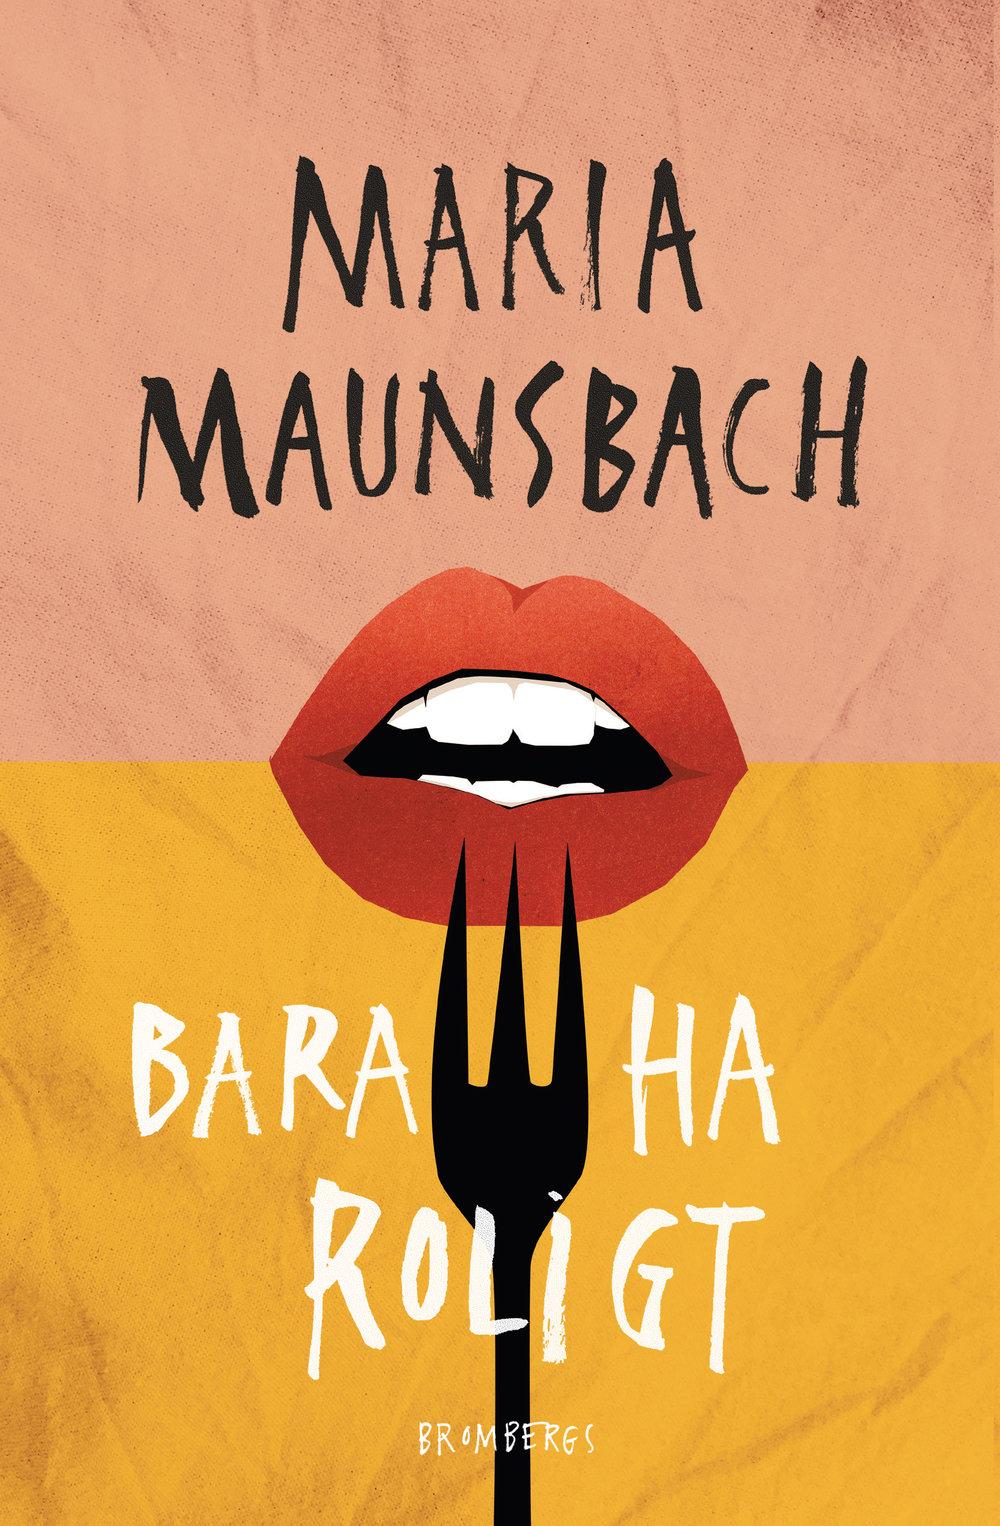 Maria Maunsbach Bara Ha Roligt.jpg